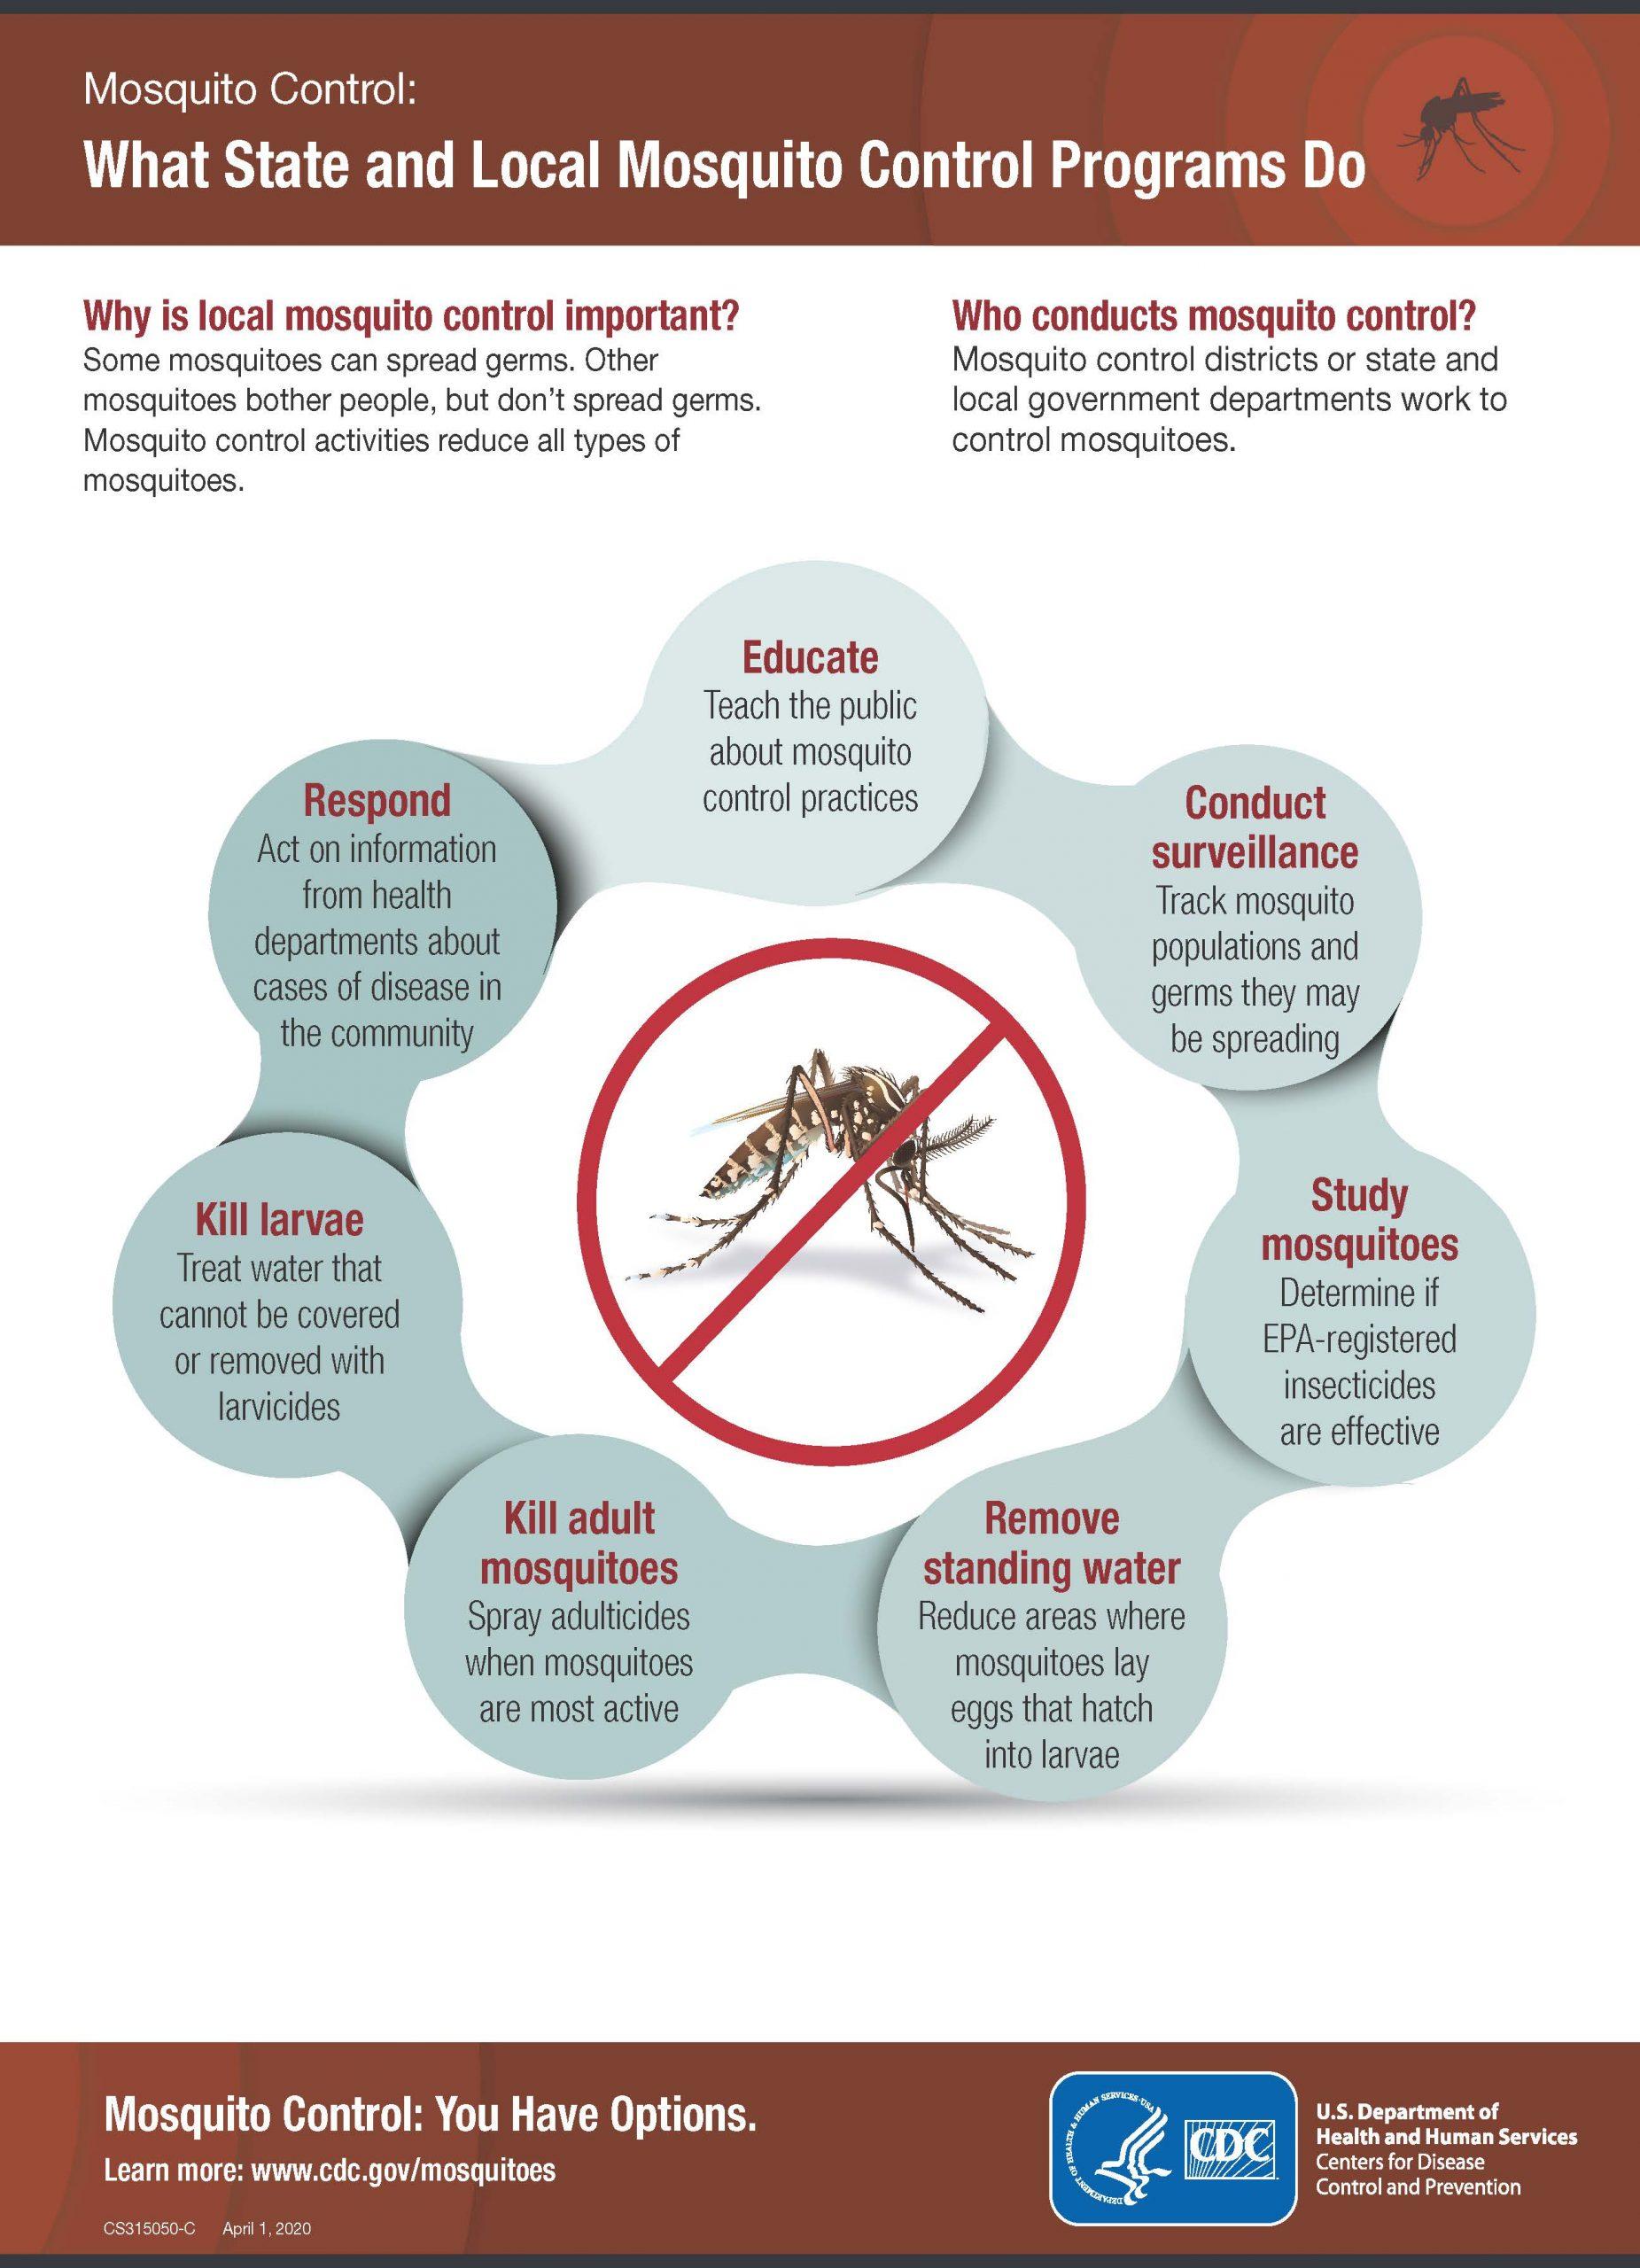 Infographic describing what mosquito programs do